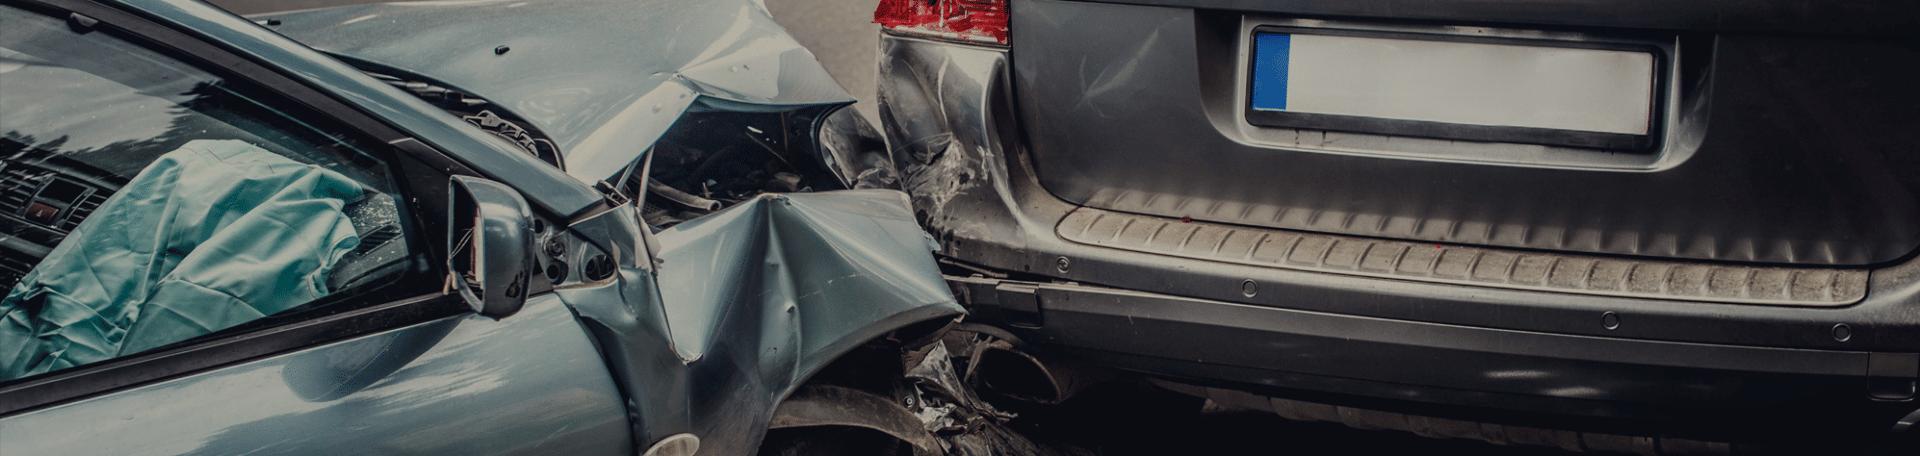 Car Crash Resulted in Injuries on Interstate 5 Near Van Nuys Boulevard in Arleta